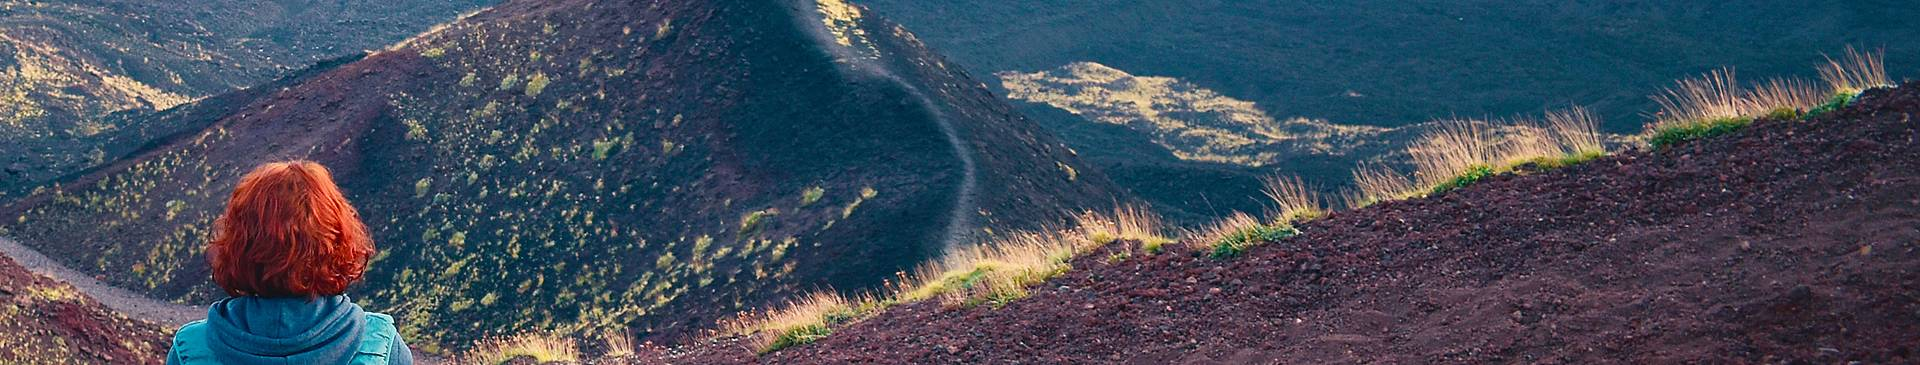 Viaggio Escursioni e trekking in Sicilia